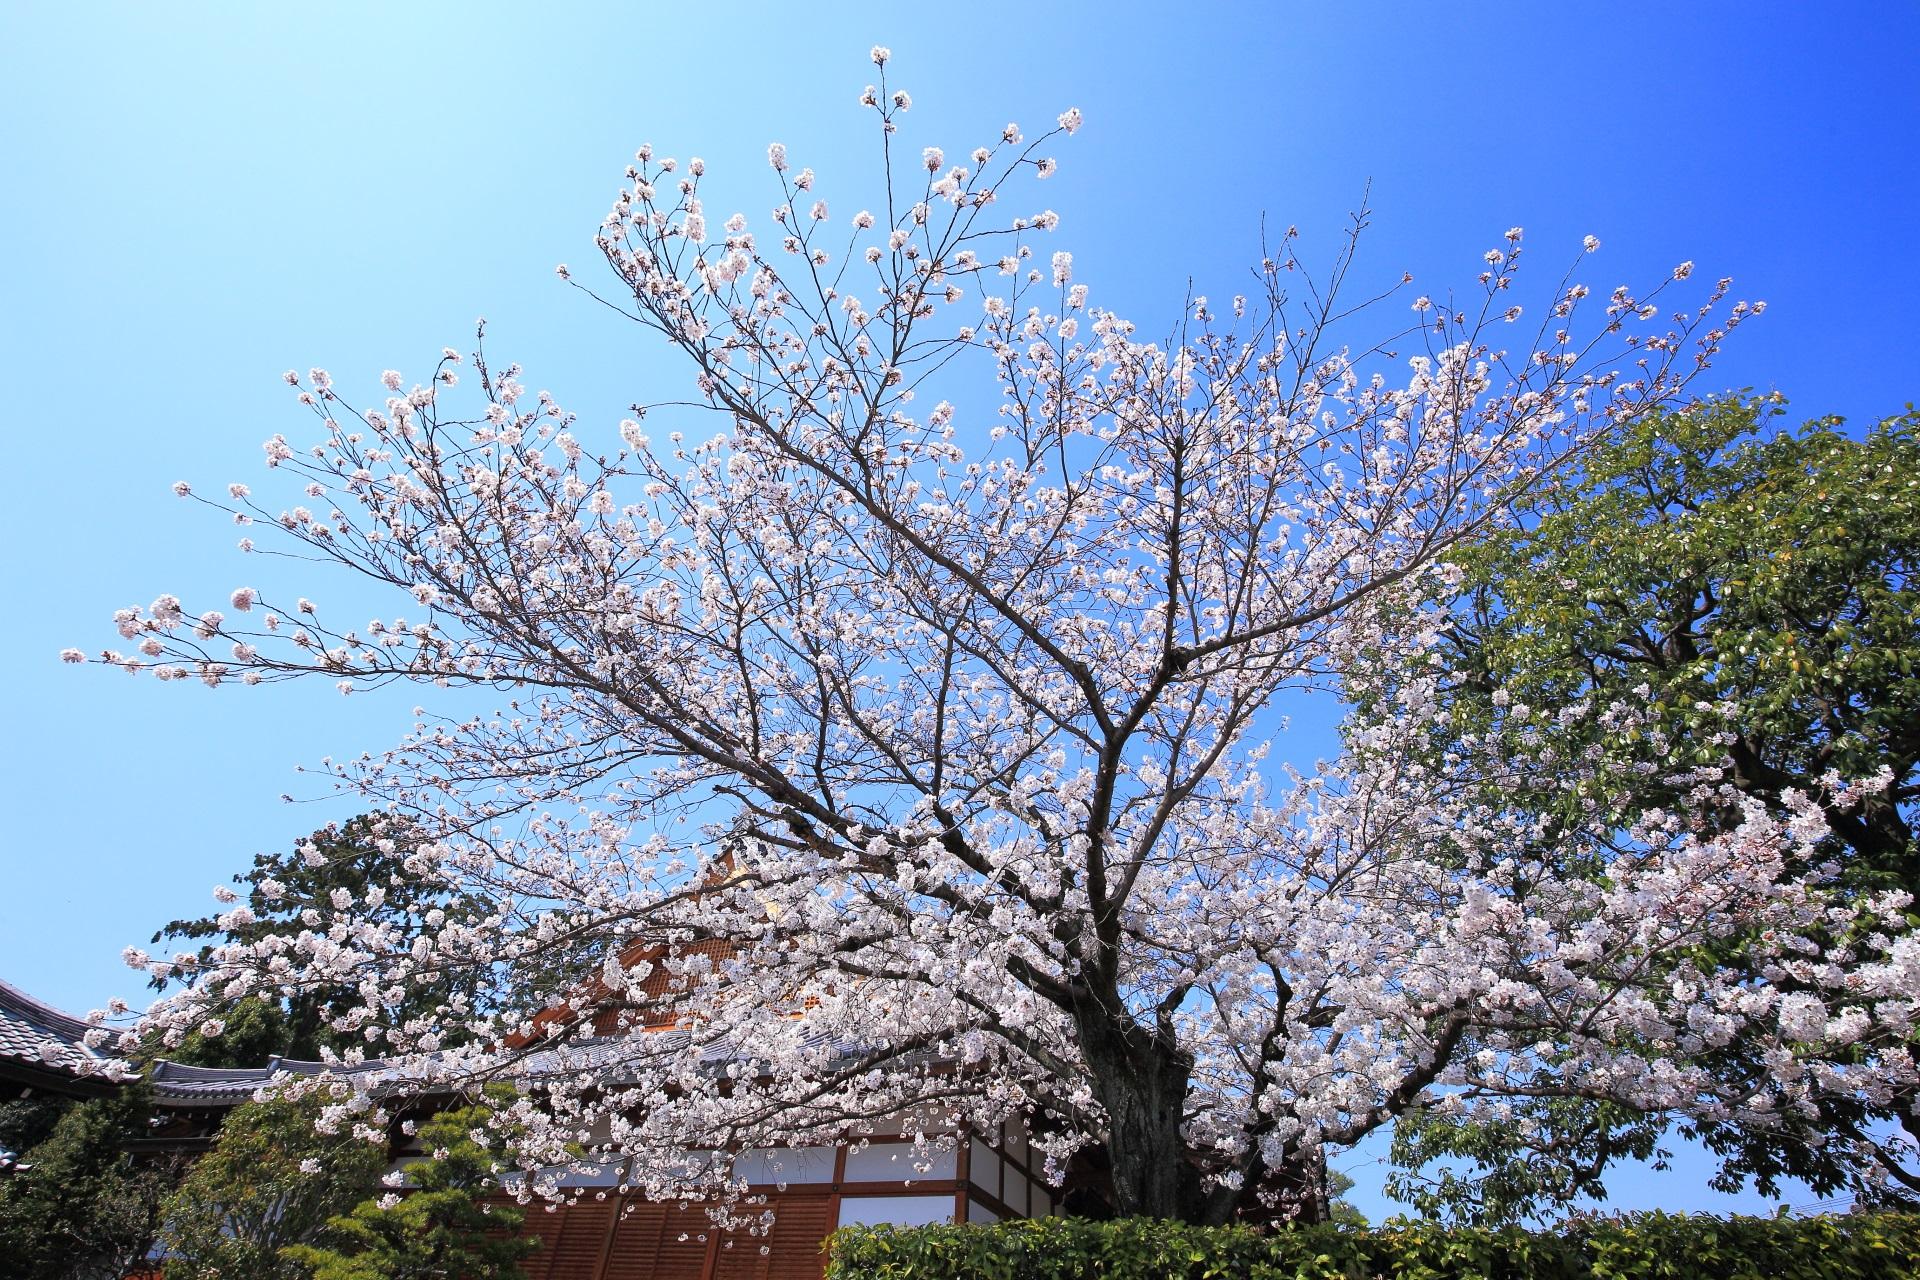 上品蓮台寺の青空に枝を広げて輝く桜